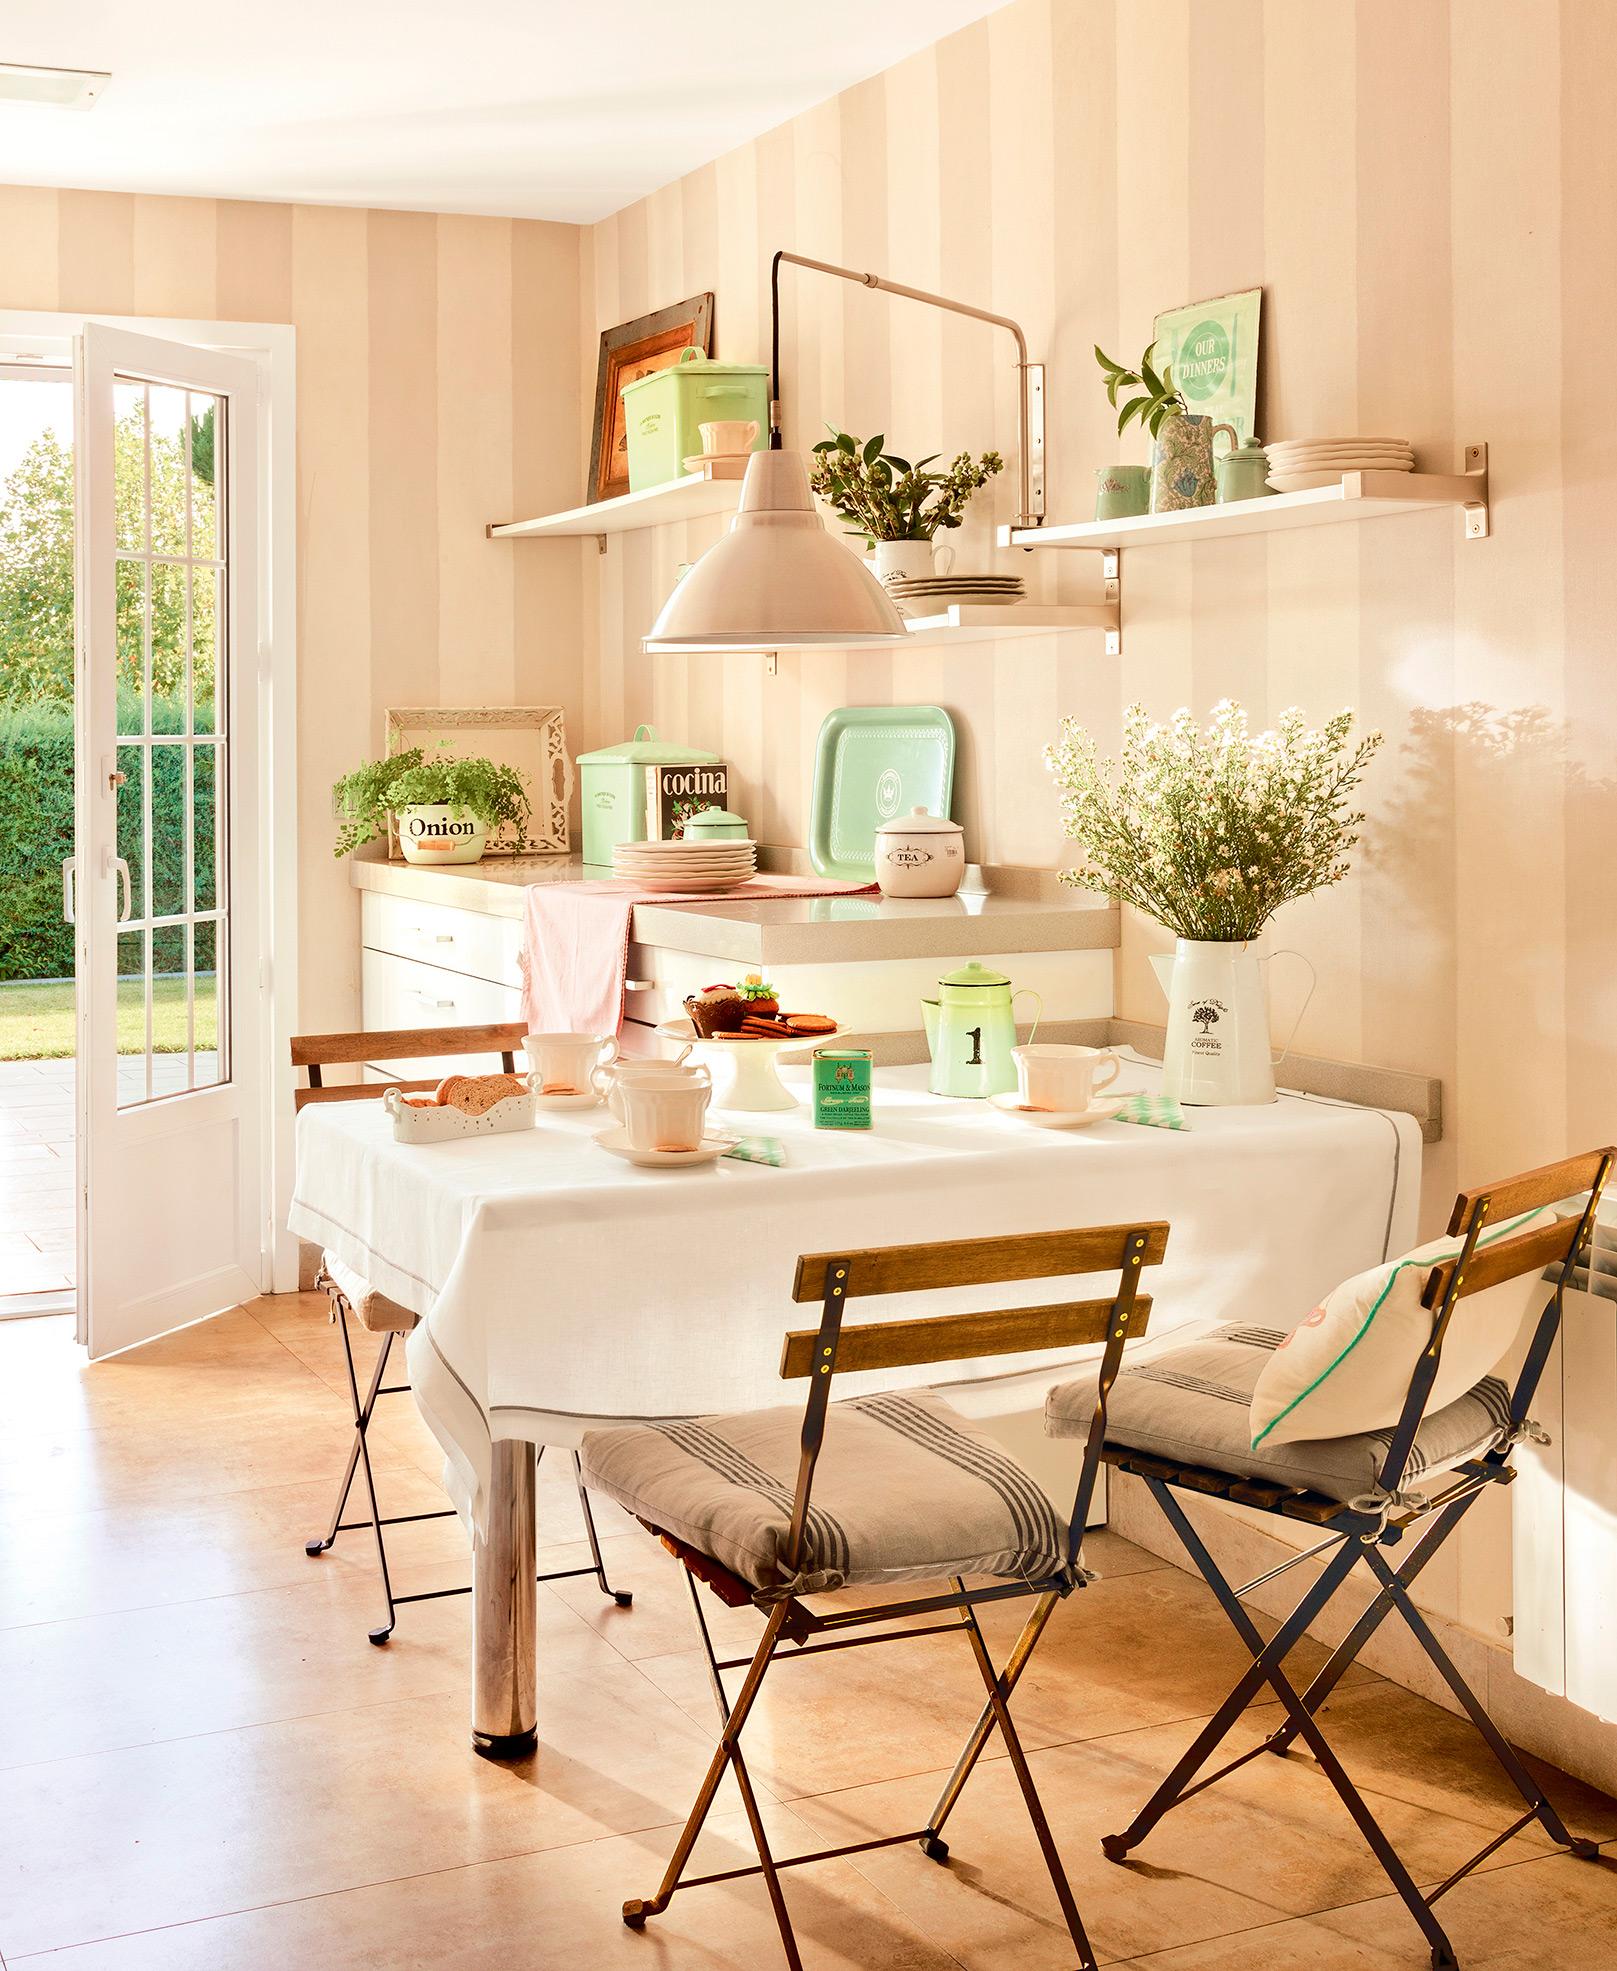 Awesome mesas plegables comedor de dise o pictures casas for Mesas para comedores pequea os